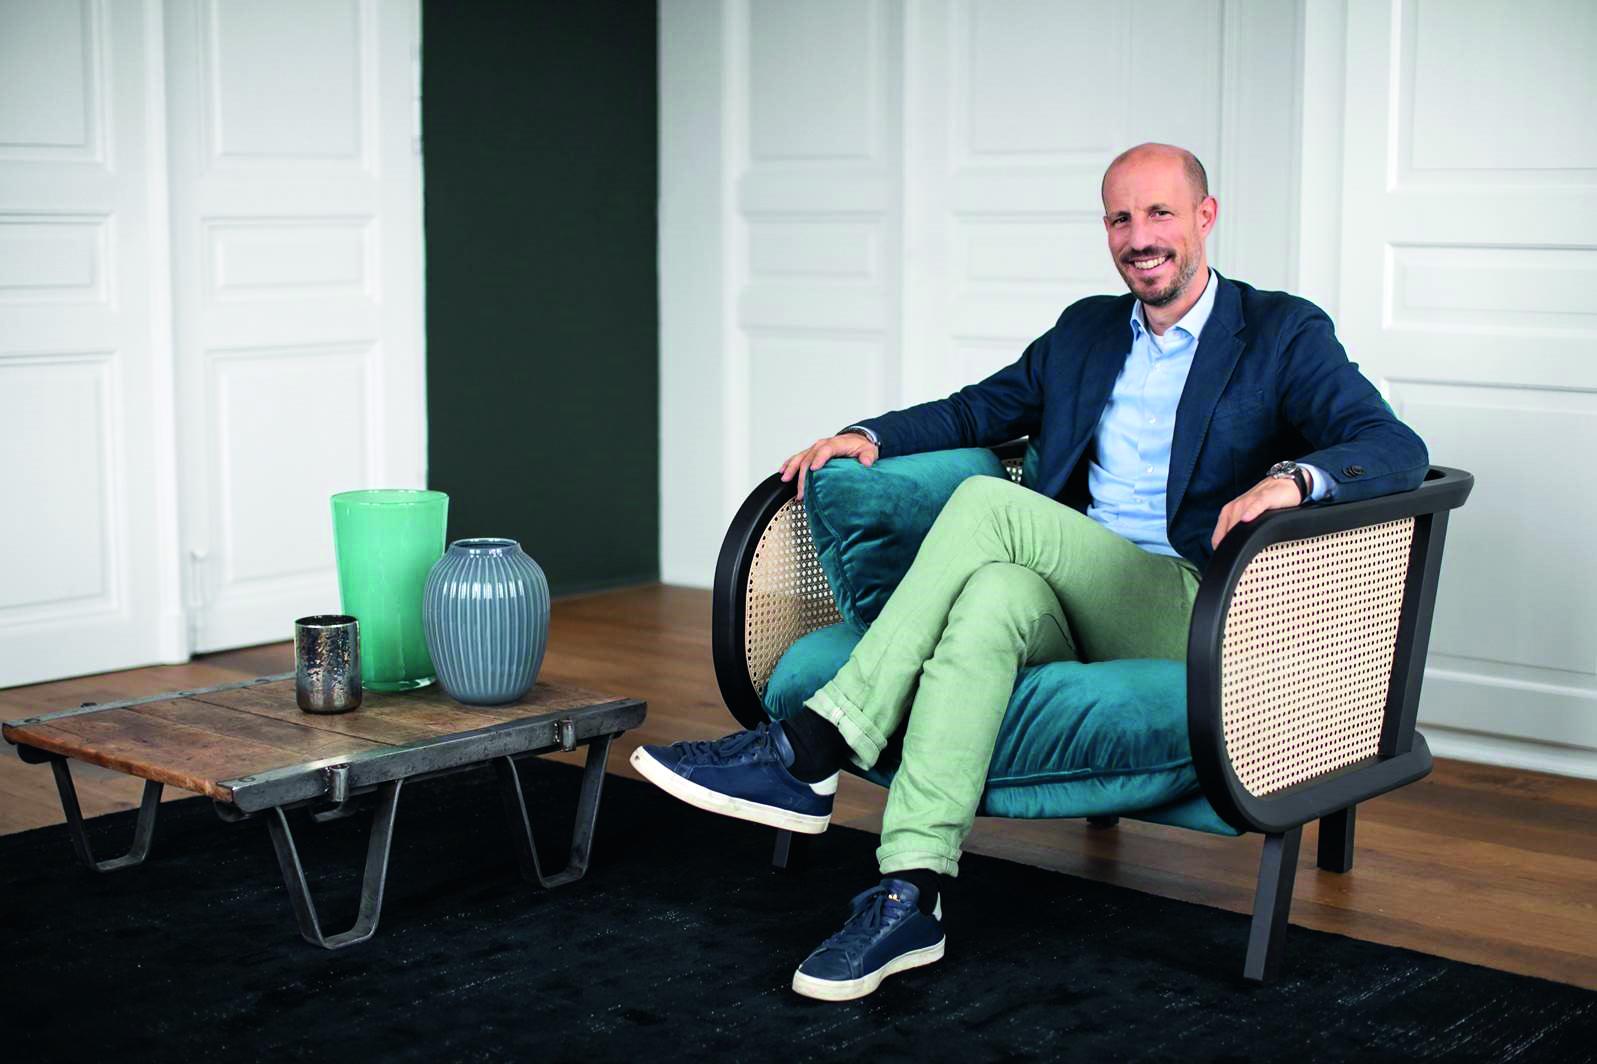 Kundeninteraktionen_Trends & Innovationen_Interview mit Thomas Ruck_Accenture Interactive_cmm360